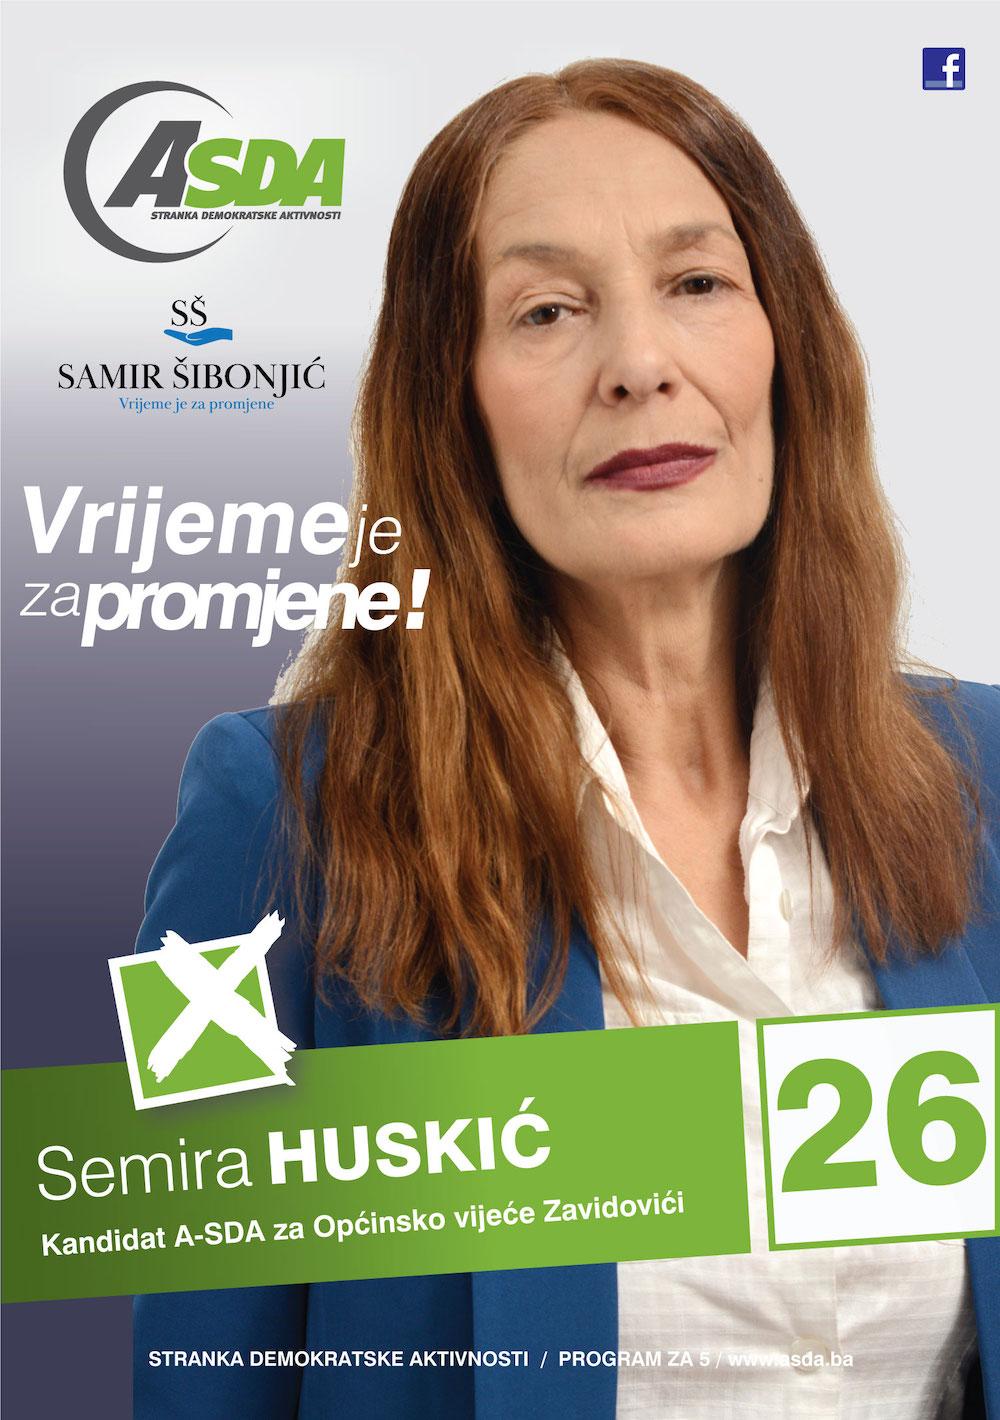 Semira Huskić